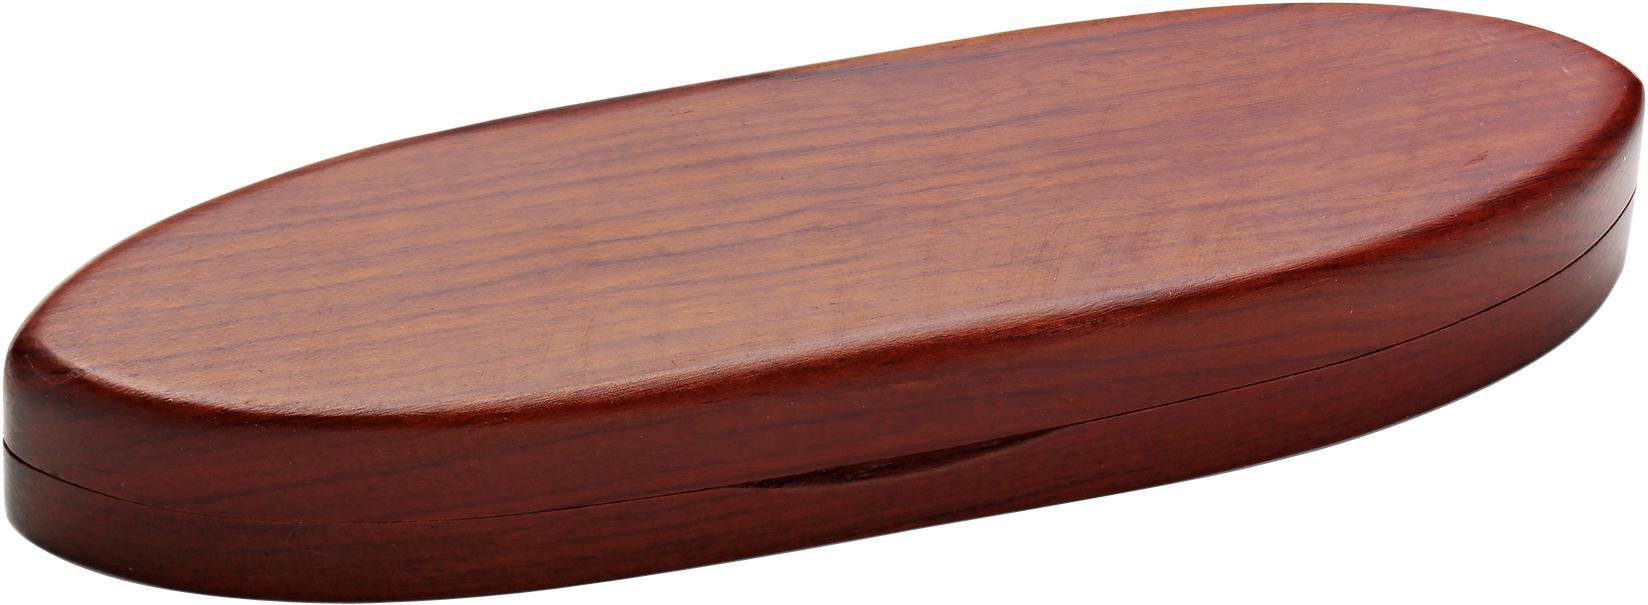 Branded Rosewood ballpen